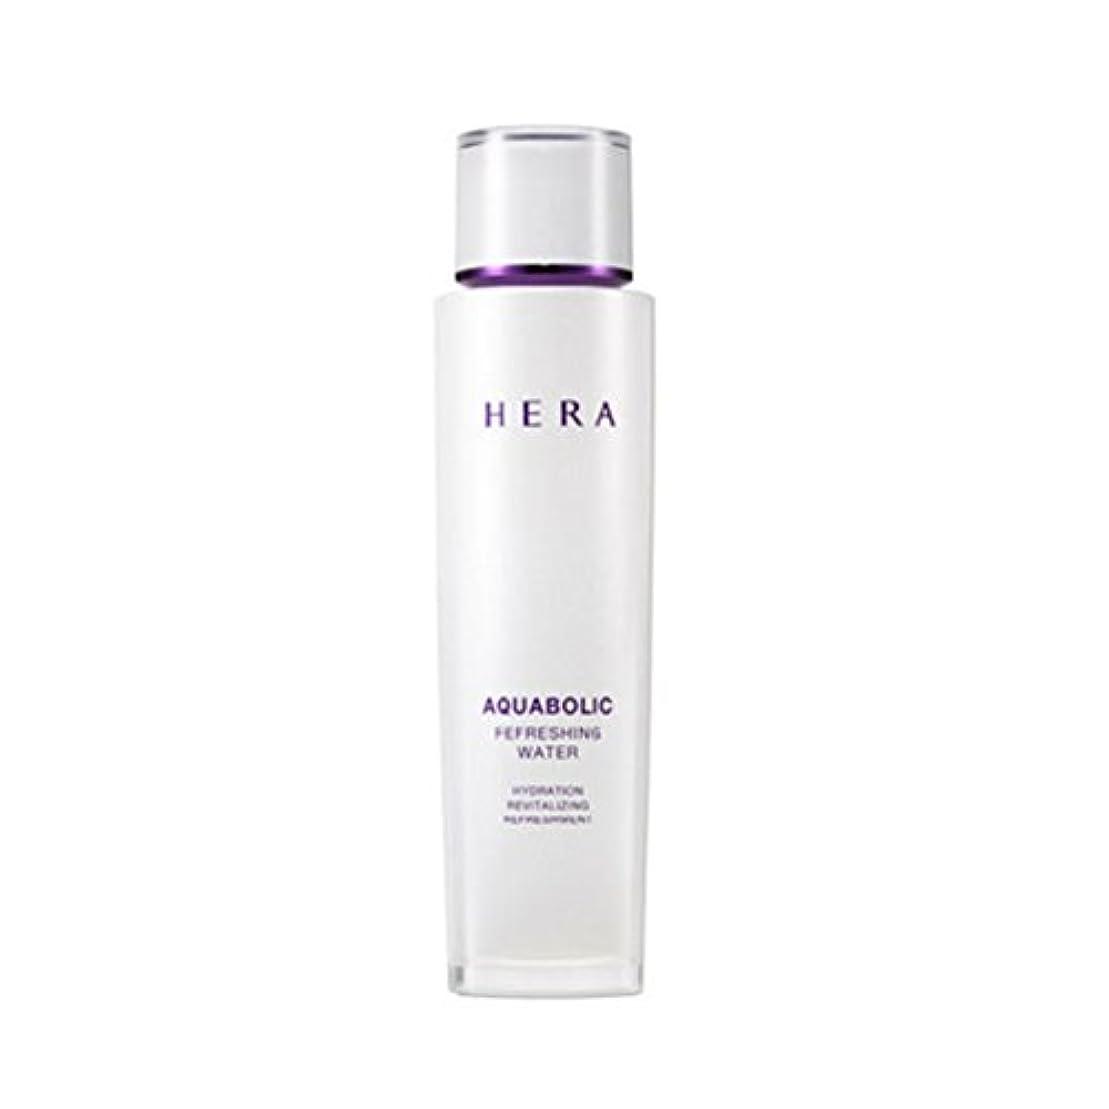 (ヘラ) HERA Aquabolic Refreshing Water アクアボリックリフレッシュウォーター (韓国直発送) oopspanda